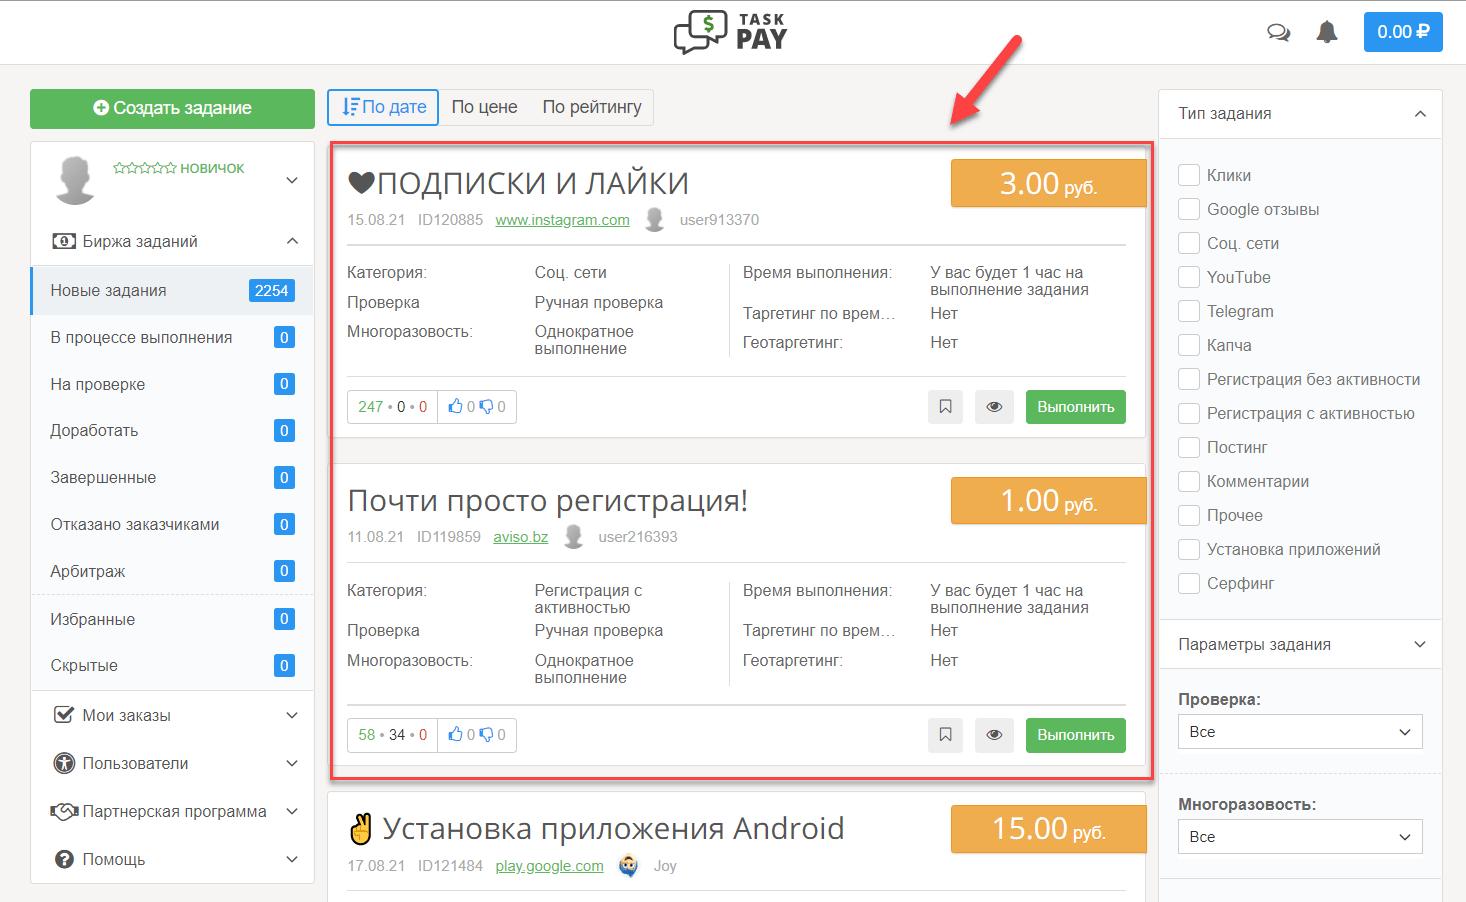 zarabotok-na-taskpay.png